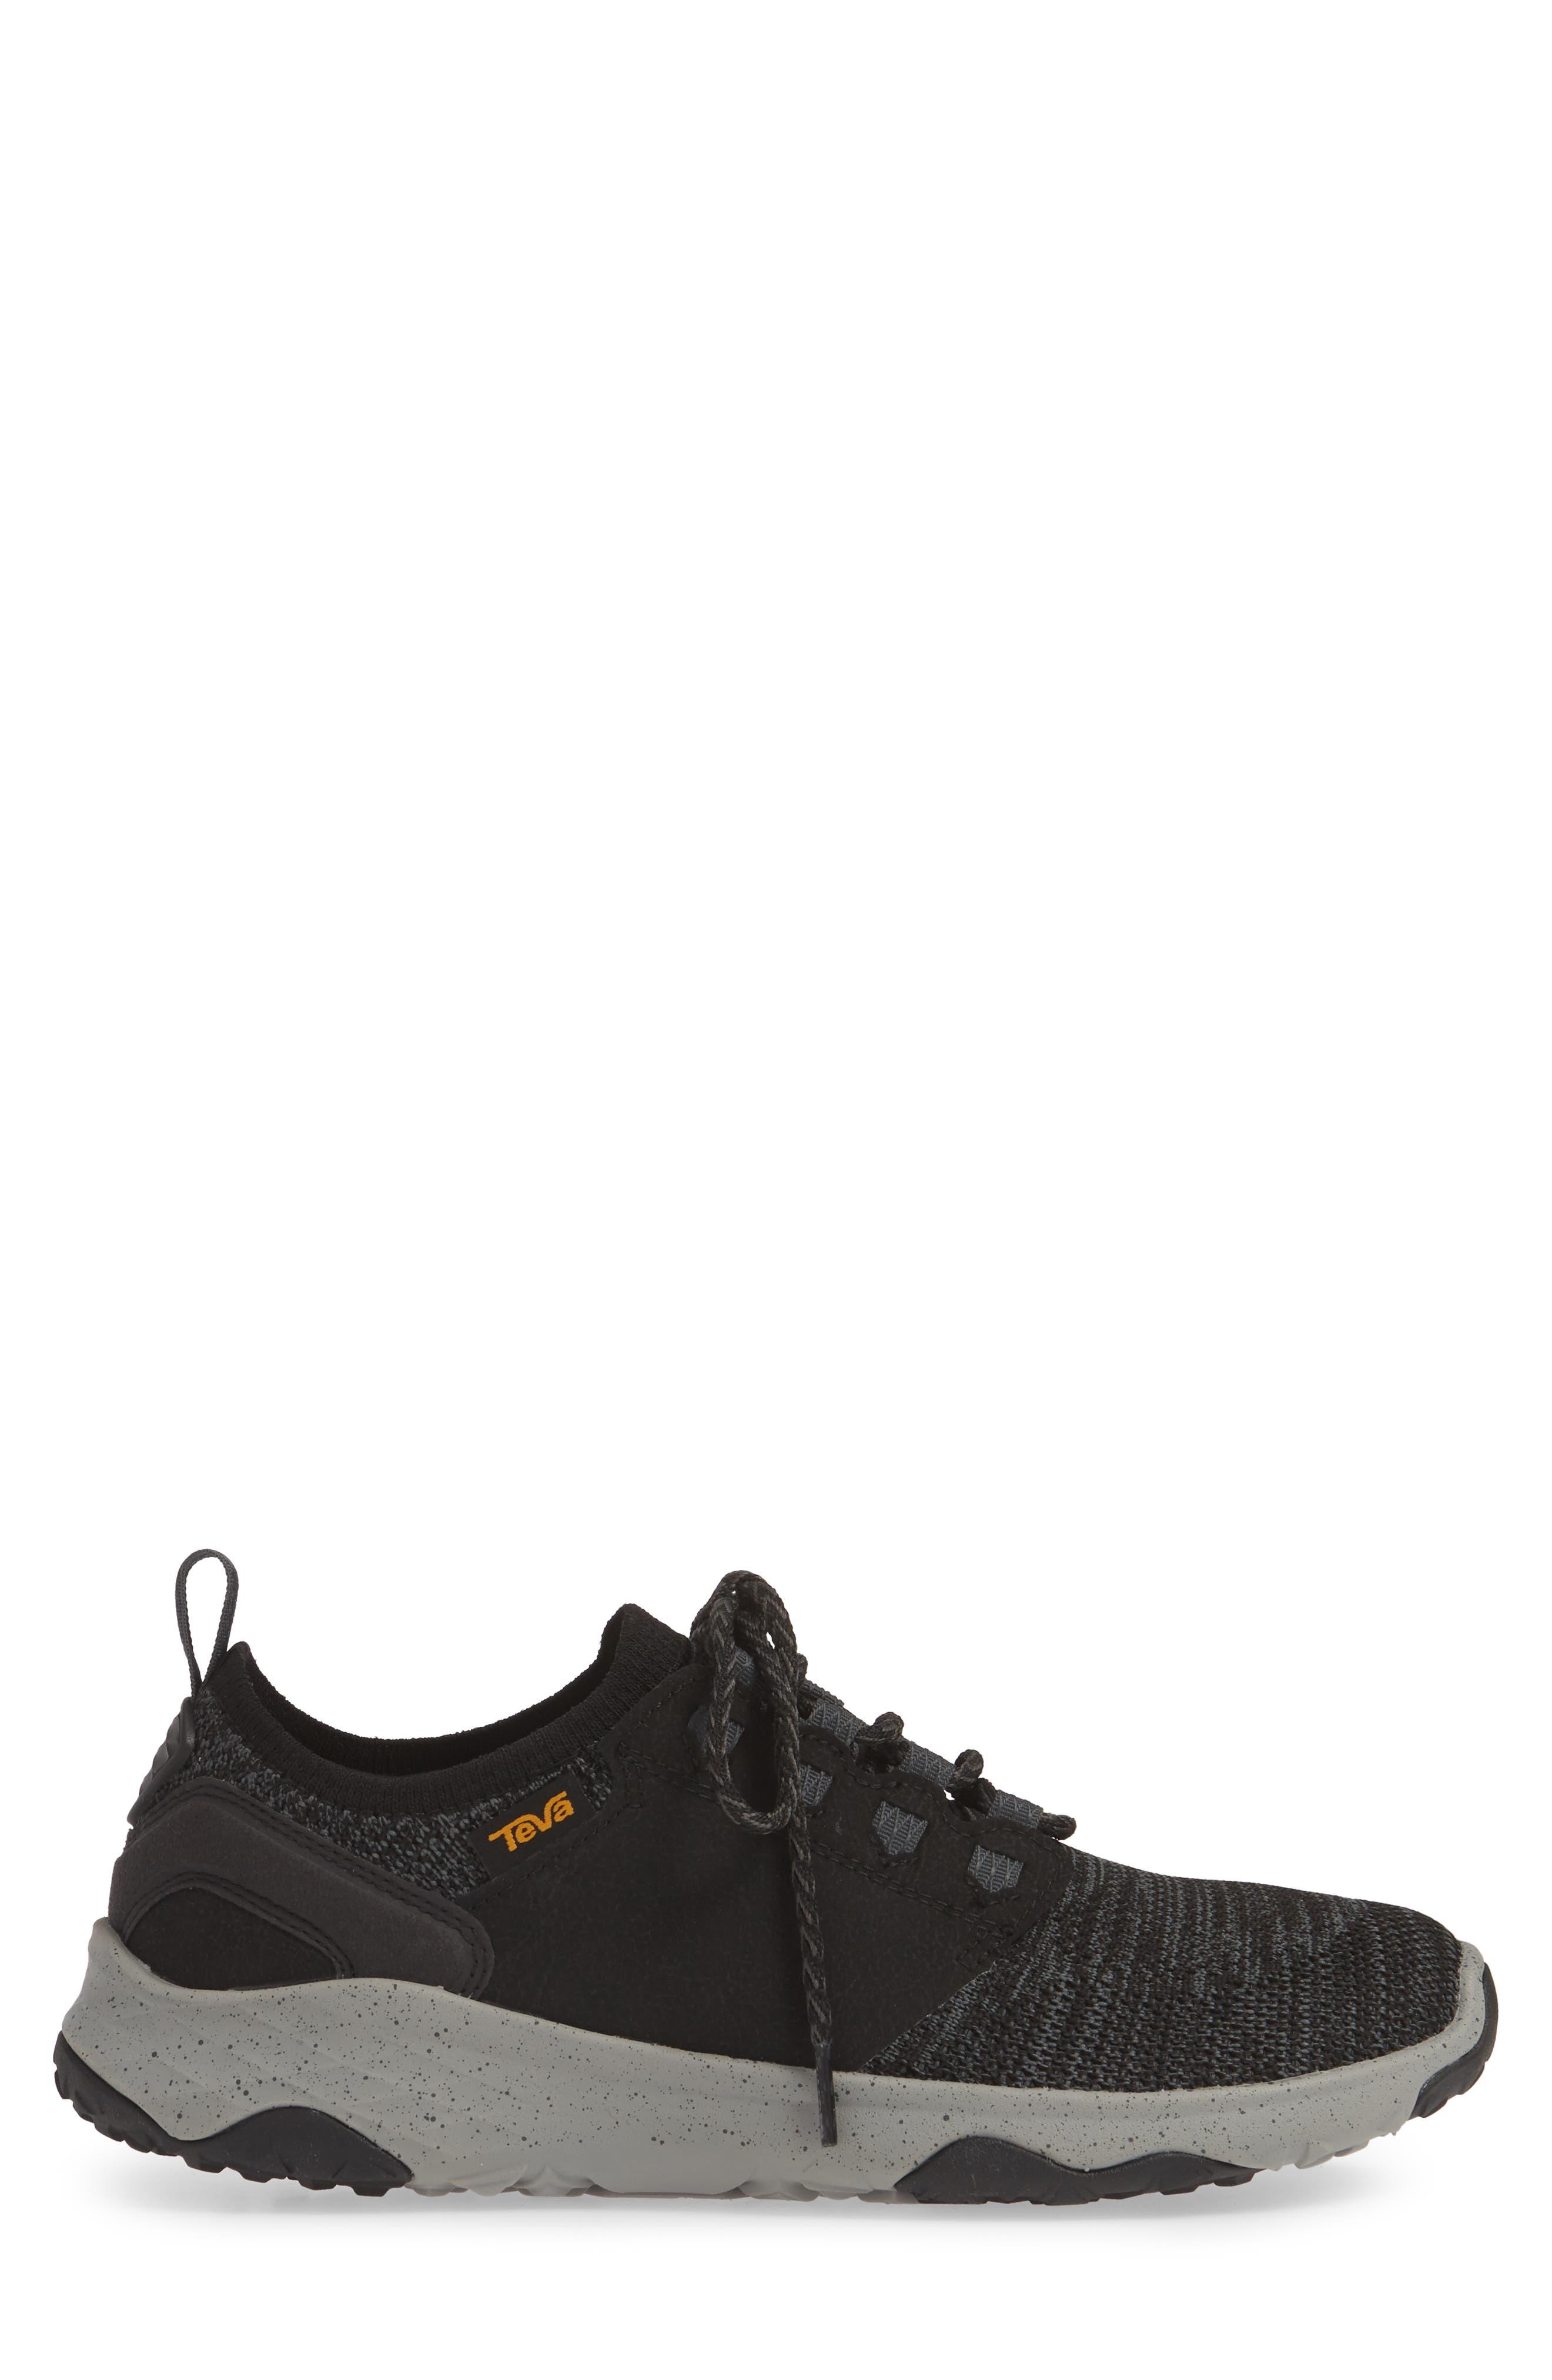 TEVA,                             Arrowood 2 Hiking Shoe,                             Alternate thumbnail 3, color,                             BLACK